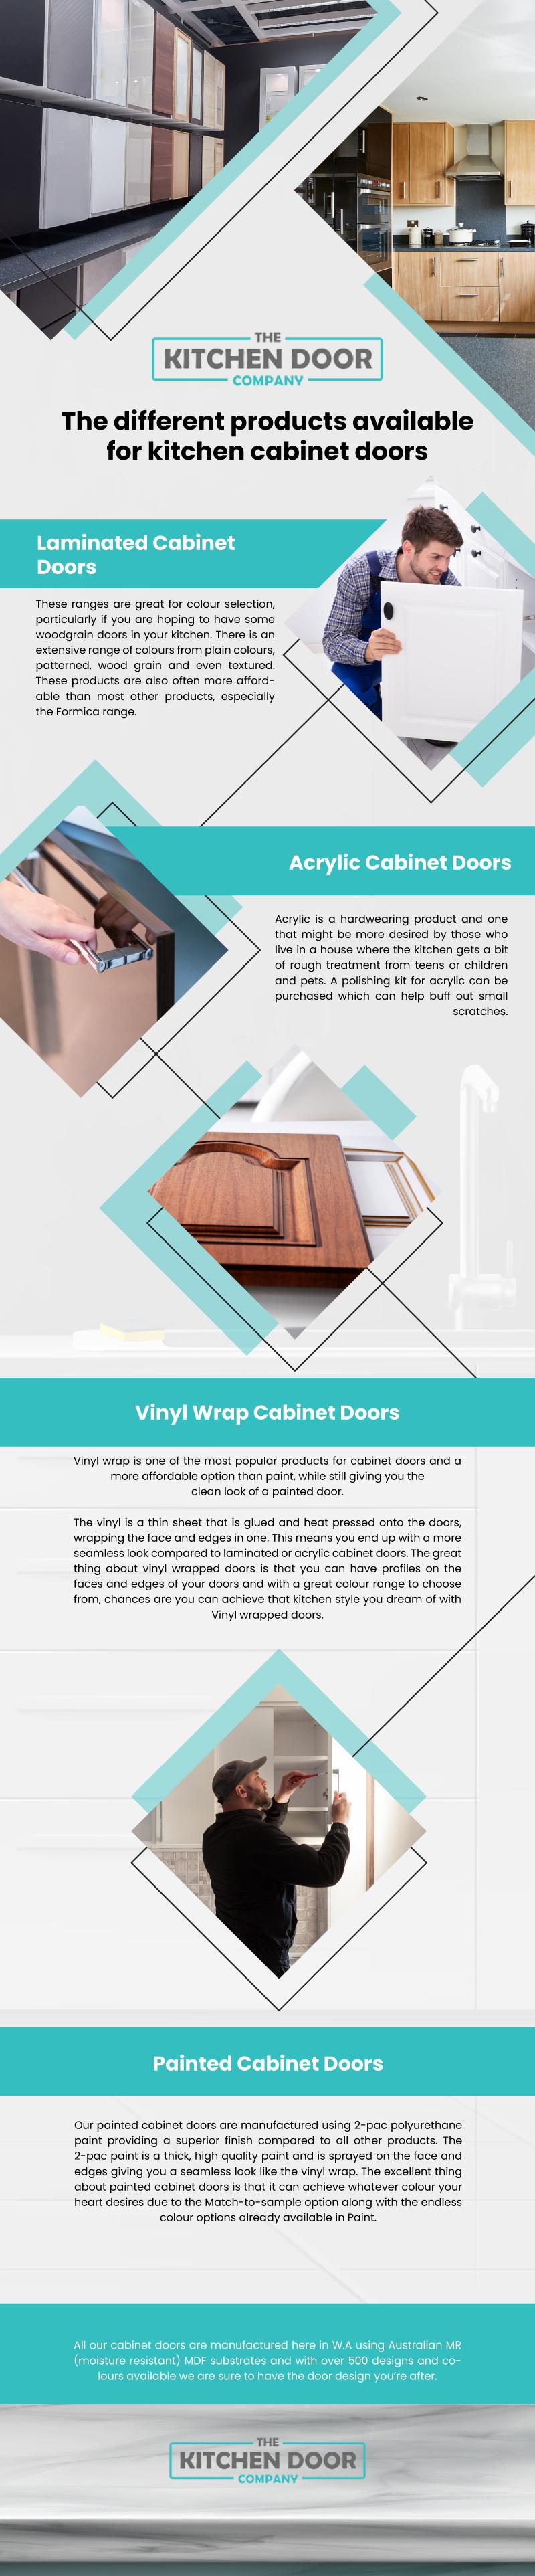 kitchen door infographic